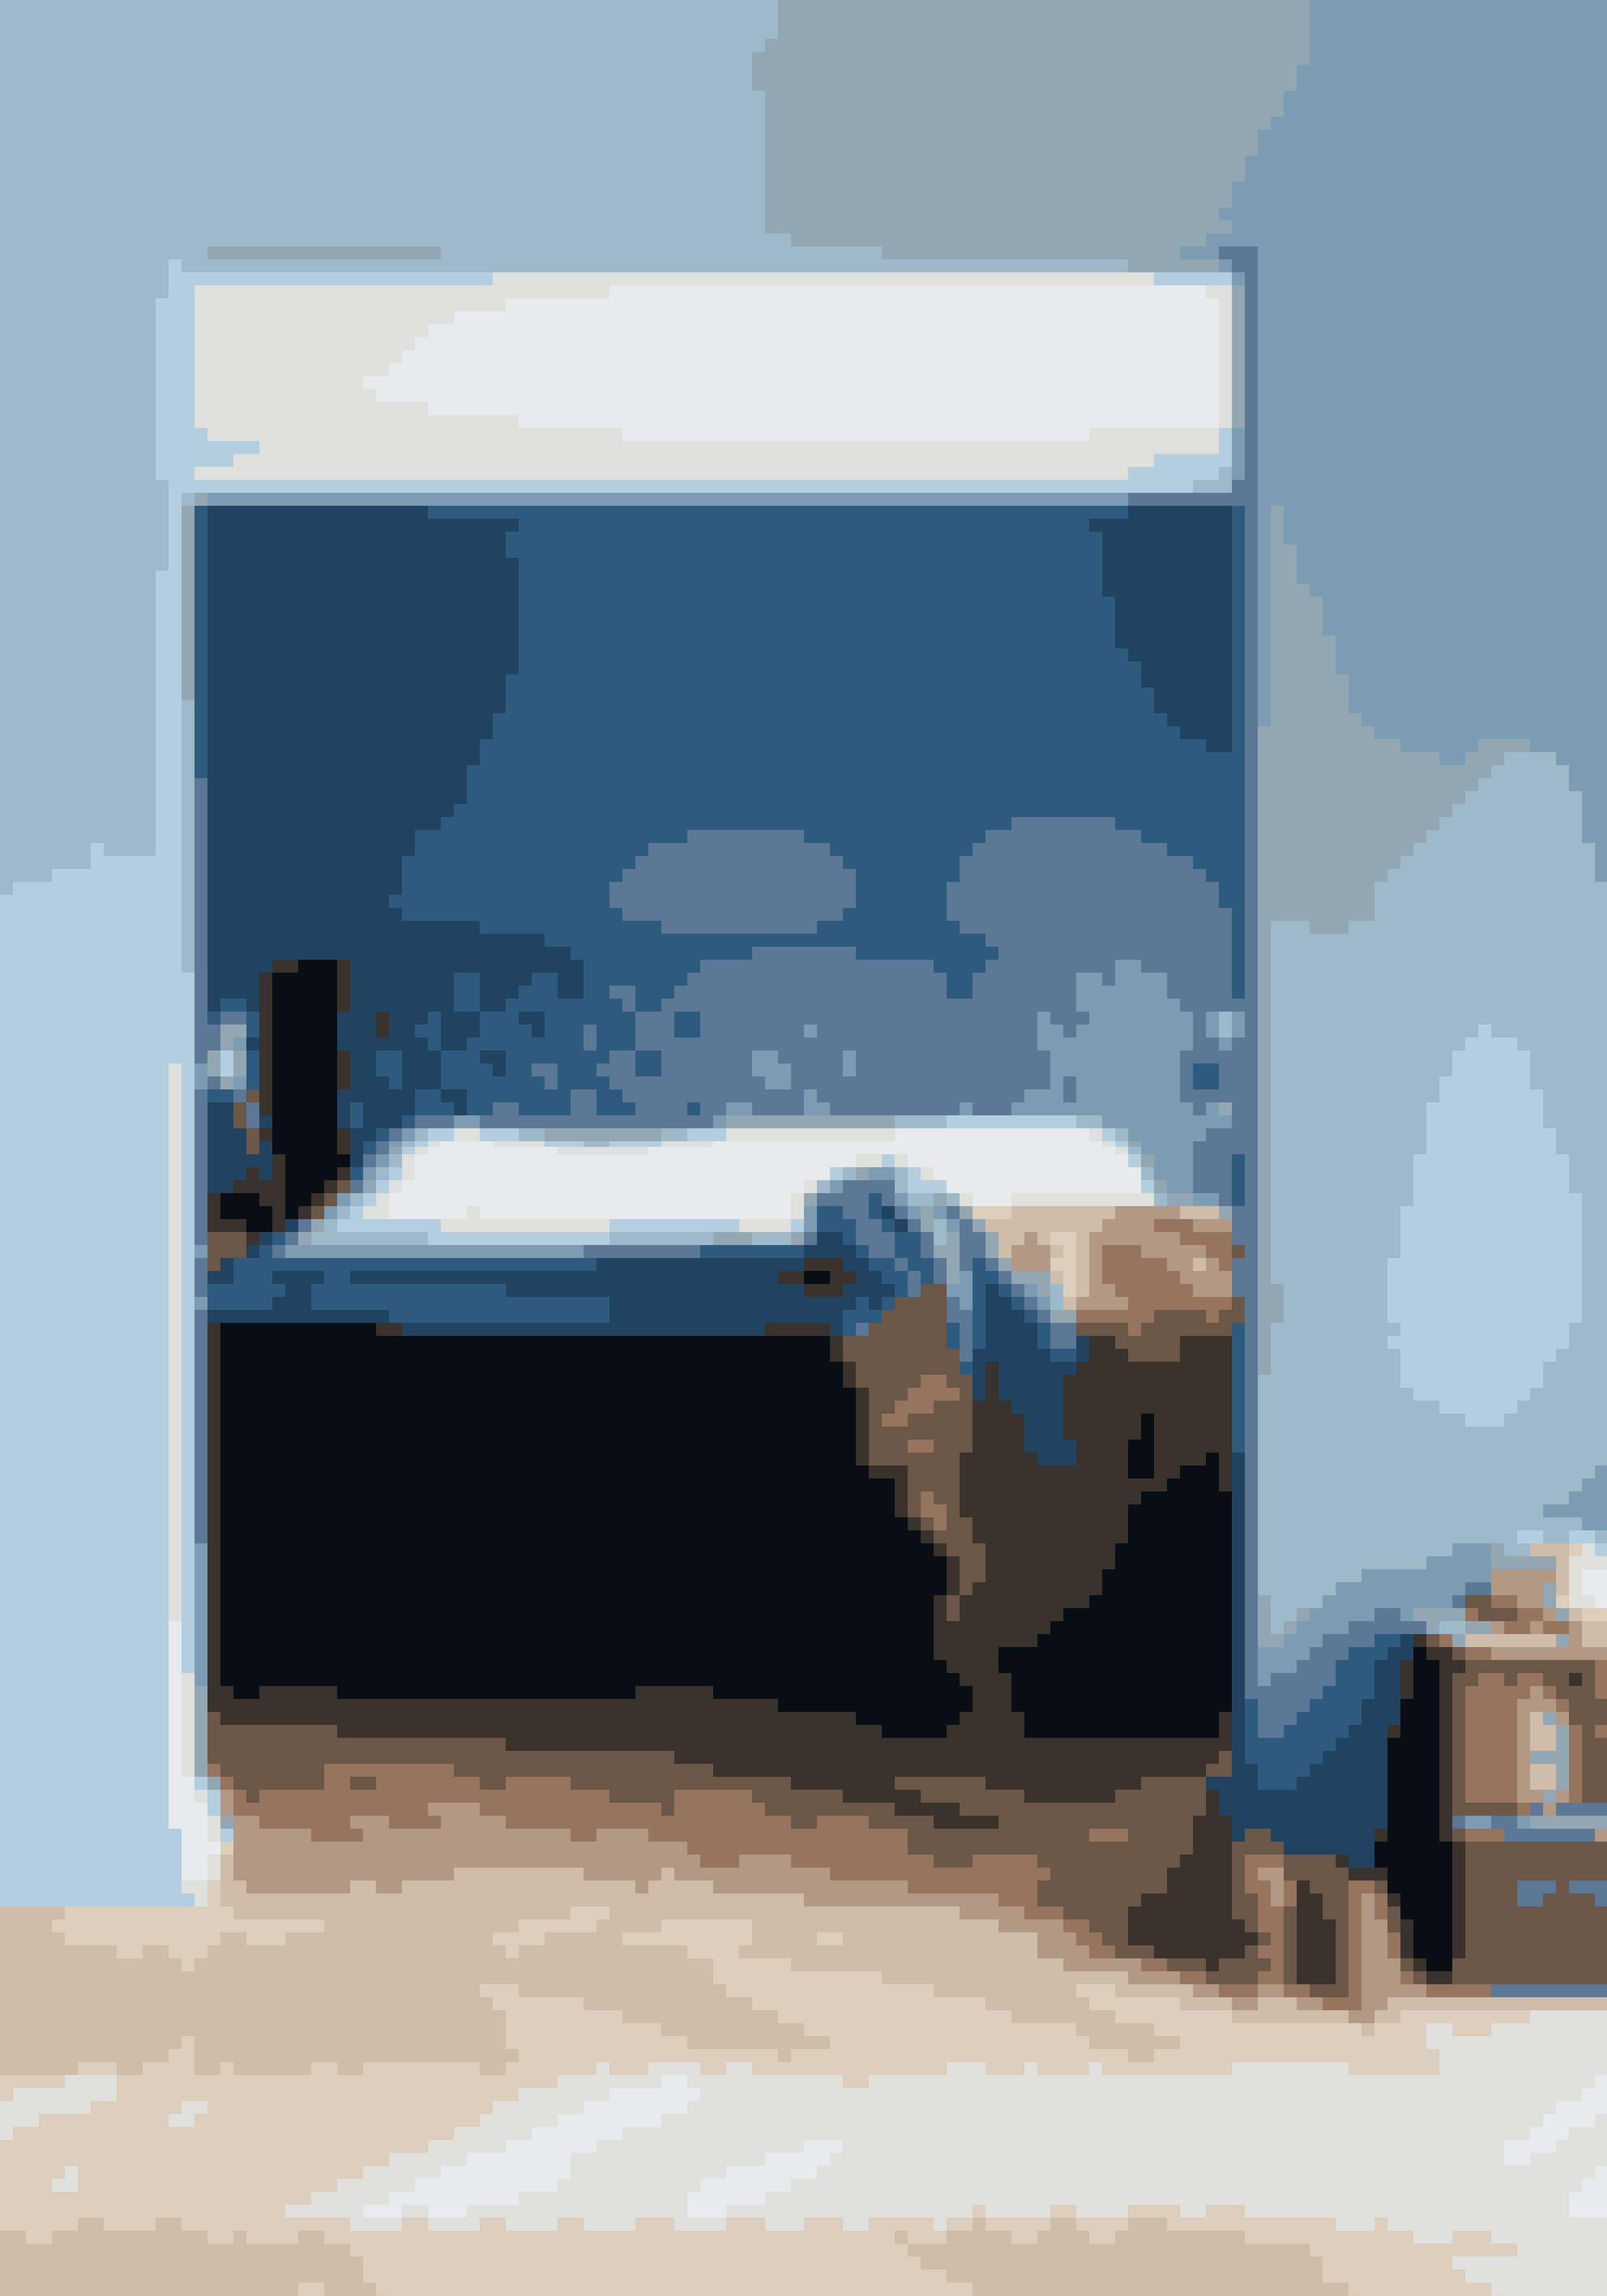 Farver kan sagtens virke rolige i et soveværelse, hvis du holder dem tone-i-tone og undlader at lade dine nips flytte ind. Plaiden er fra Beau Marché.